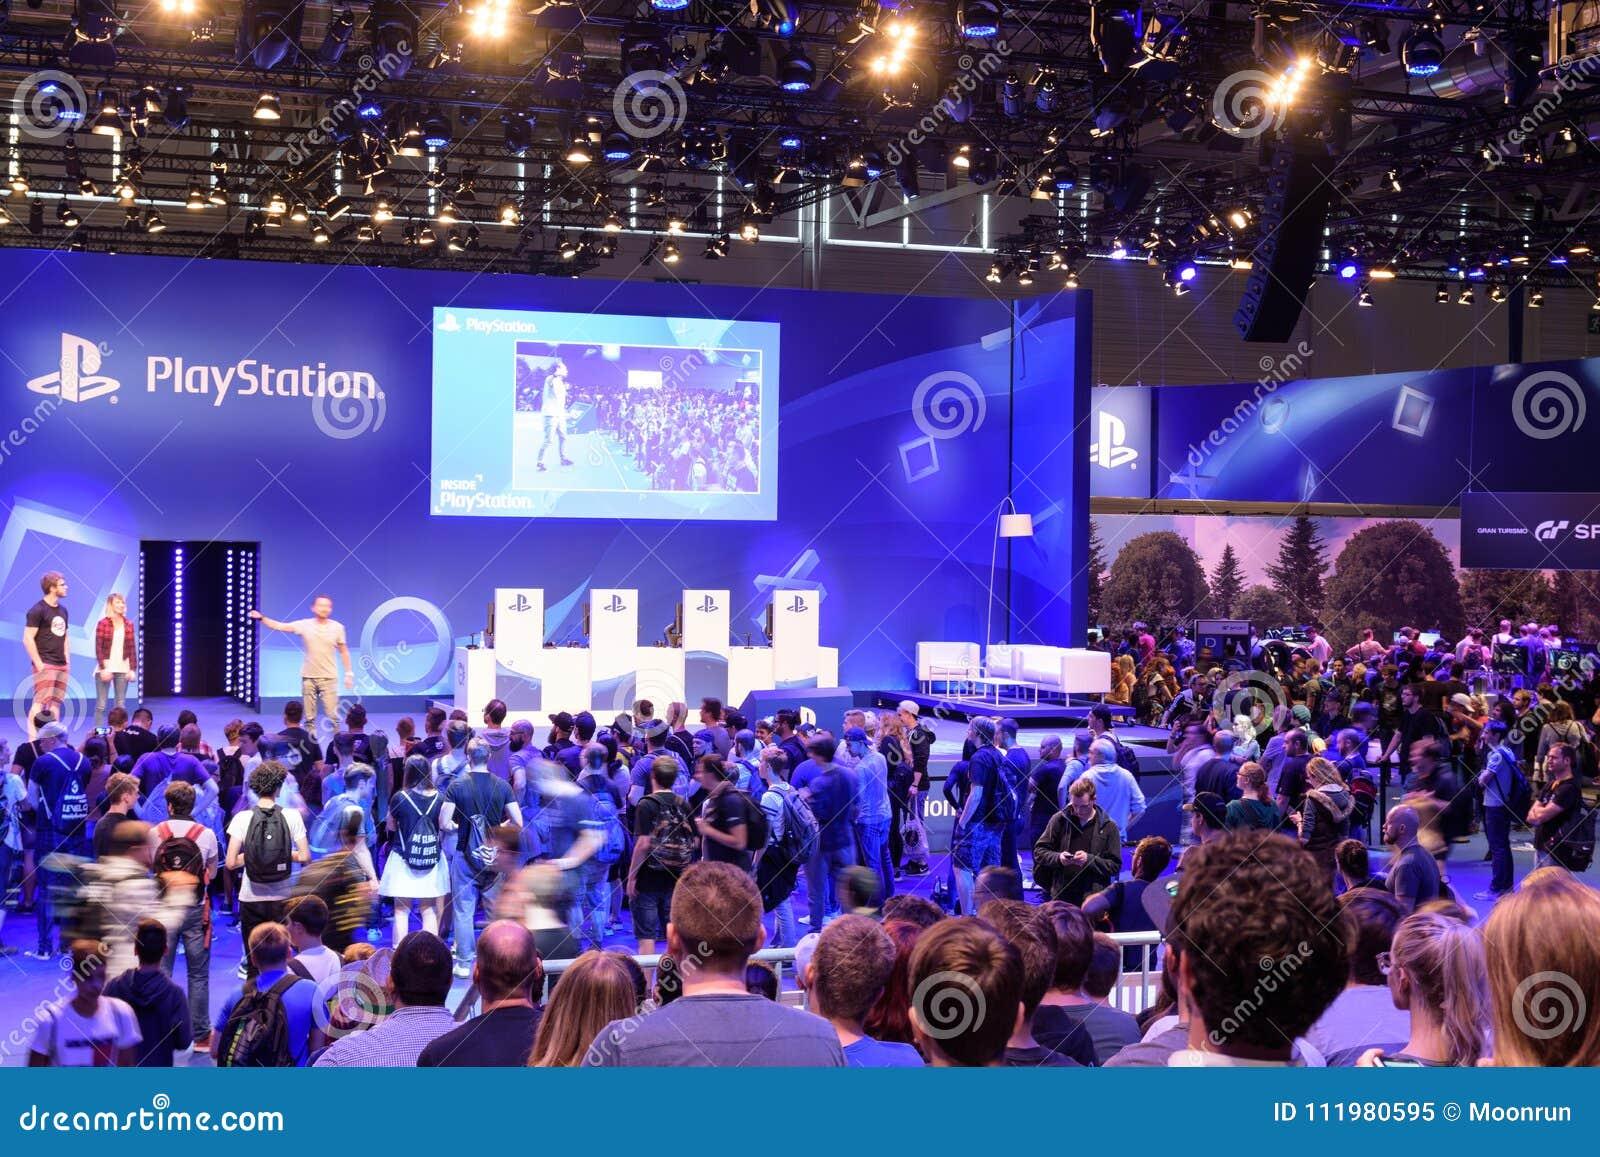 Playstation prezentacja firma Sony przed tłumem